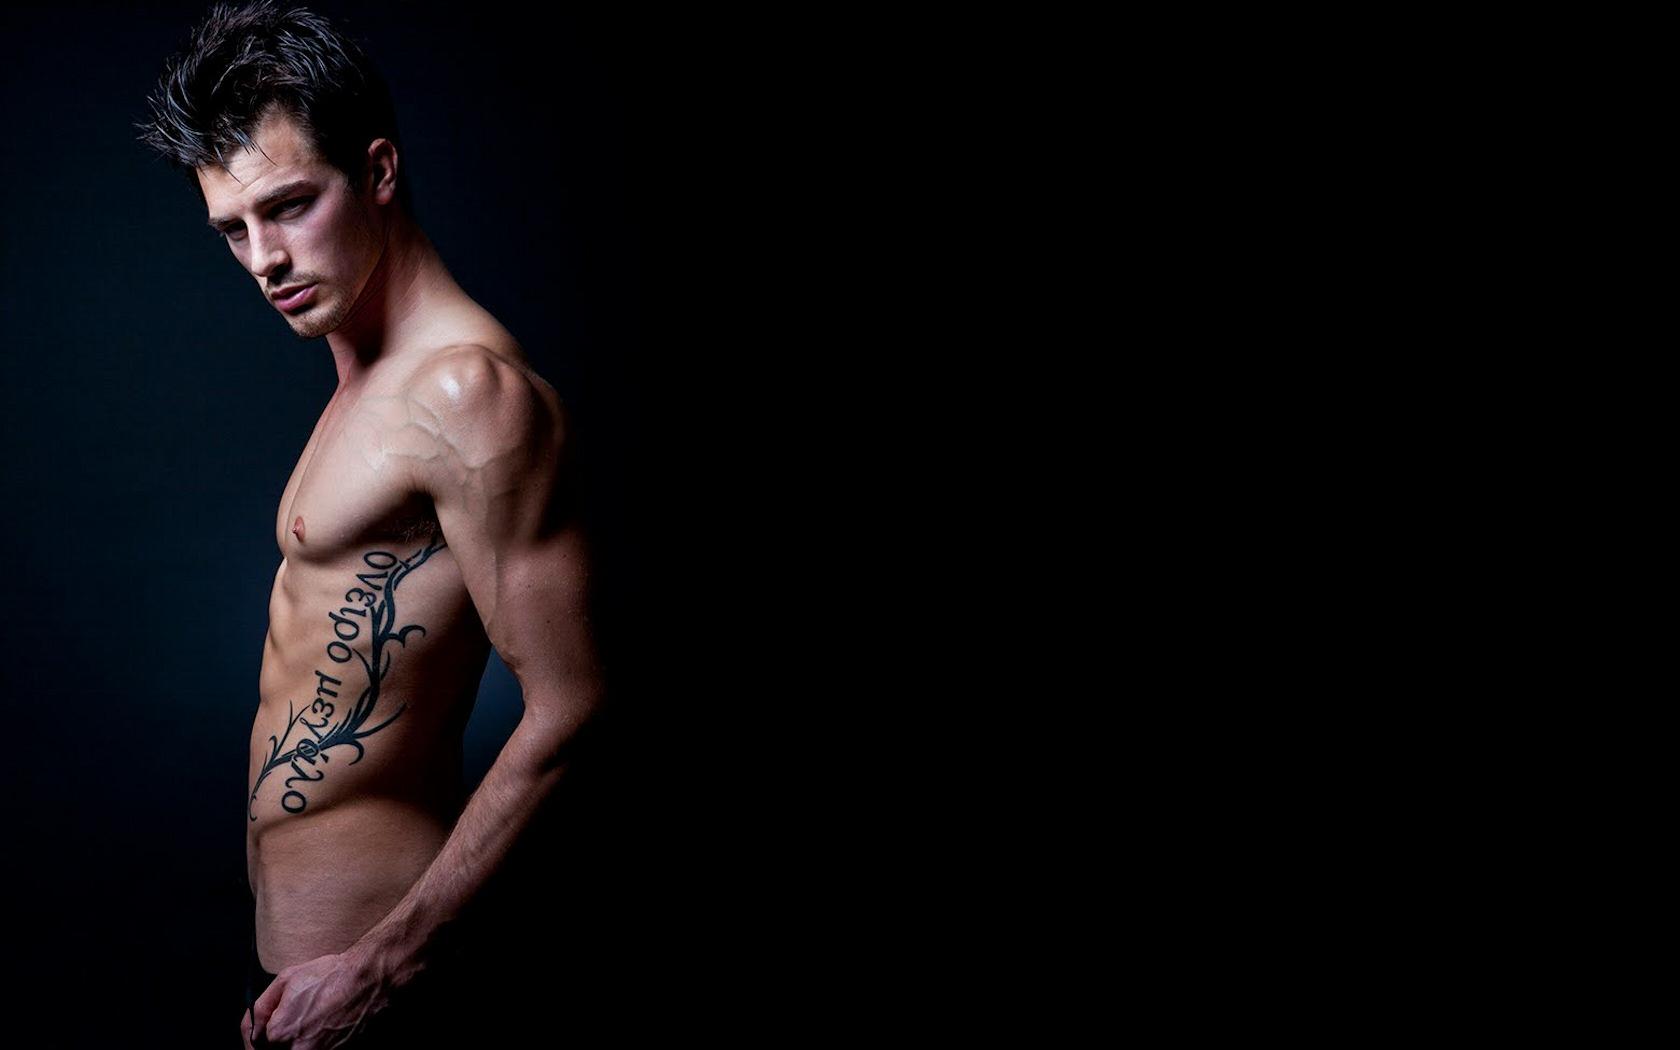 Mandi collins nude Nude Photos